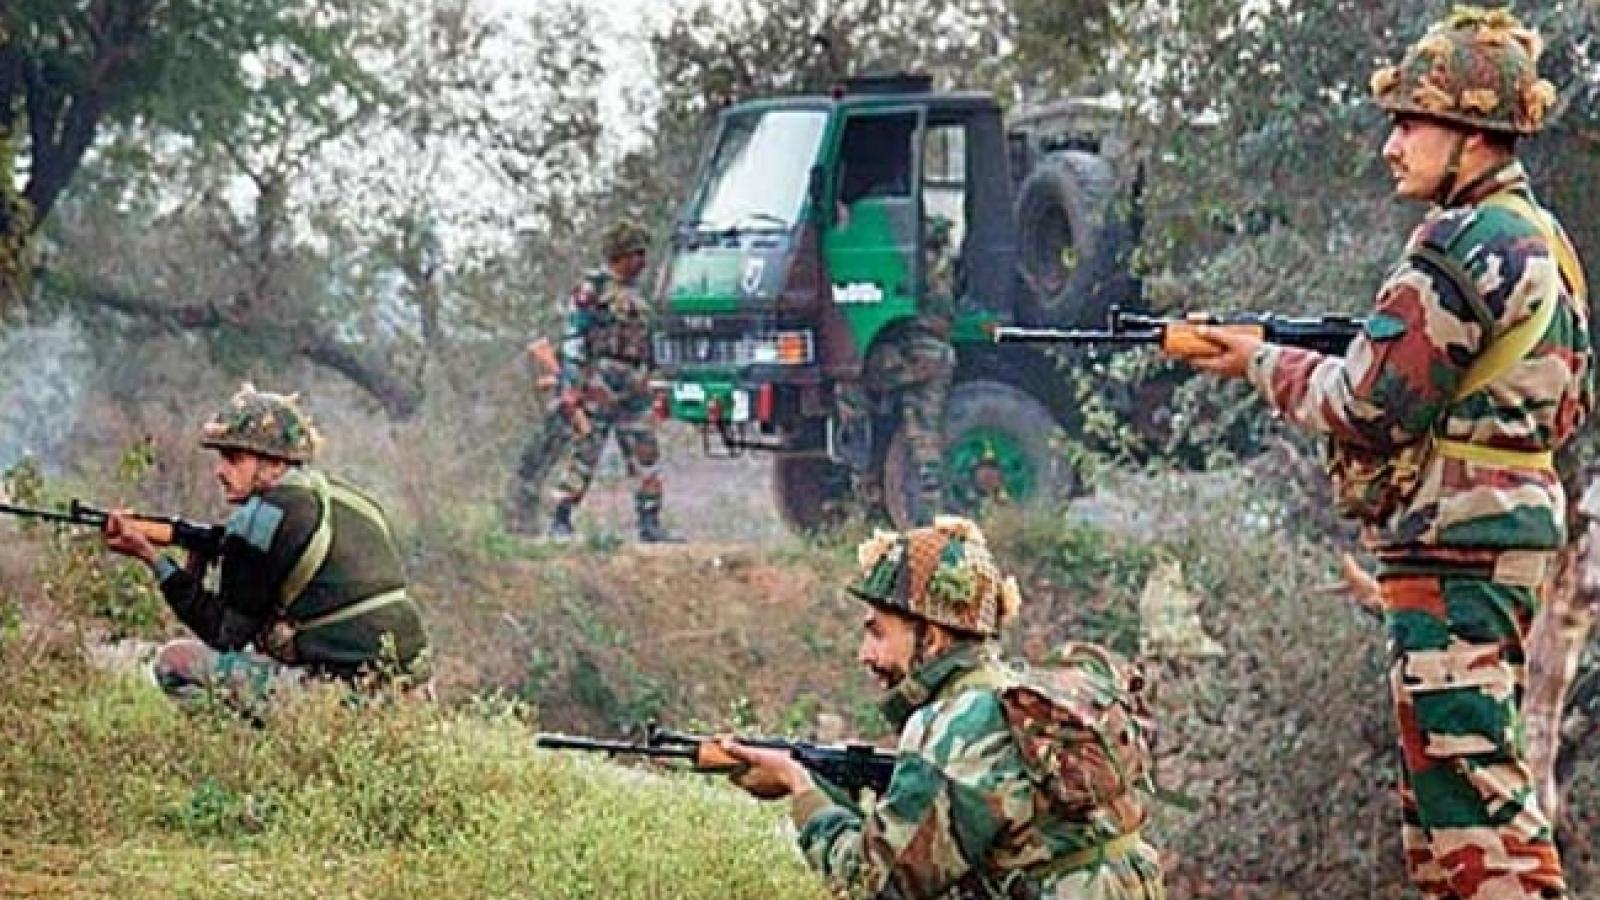 Đụng độ biên giới Trung-Ấn: 3 lính Ấn Độ chết dù 2 bên chưa dùng súng